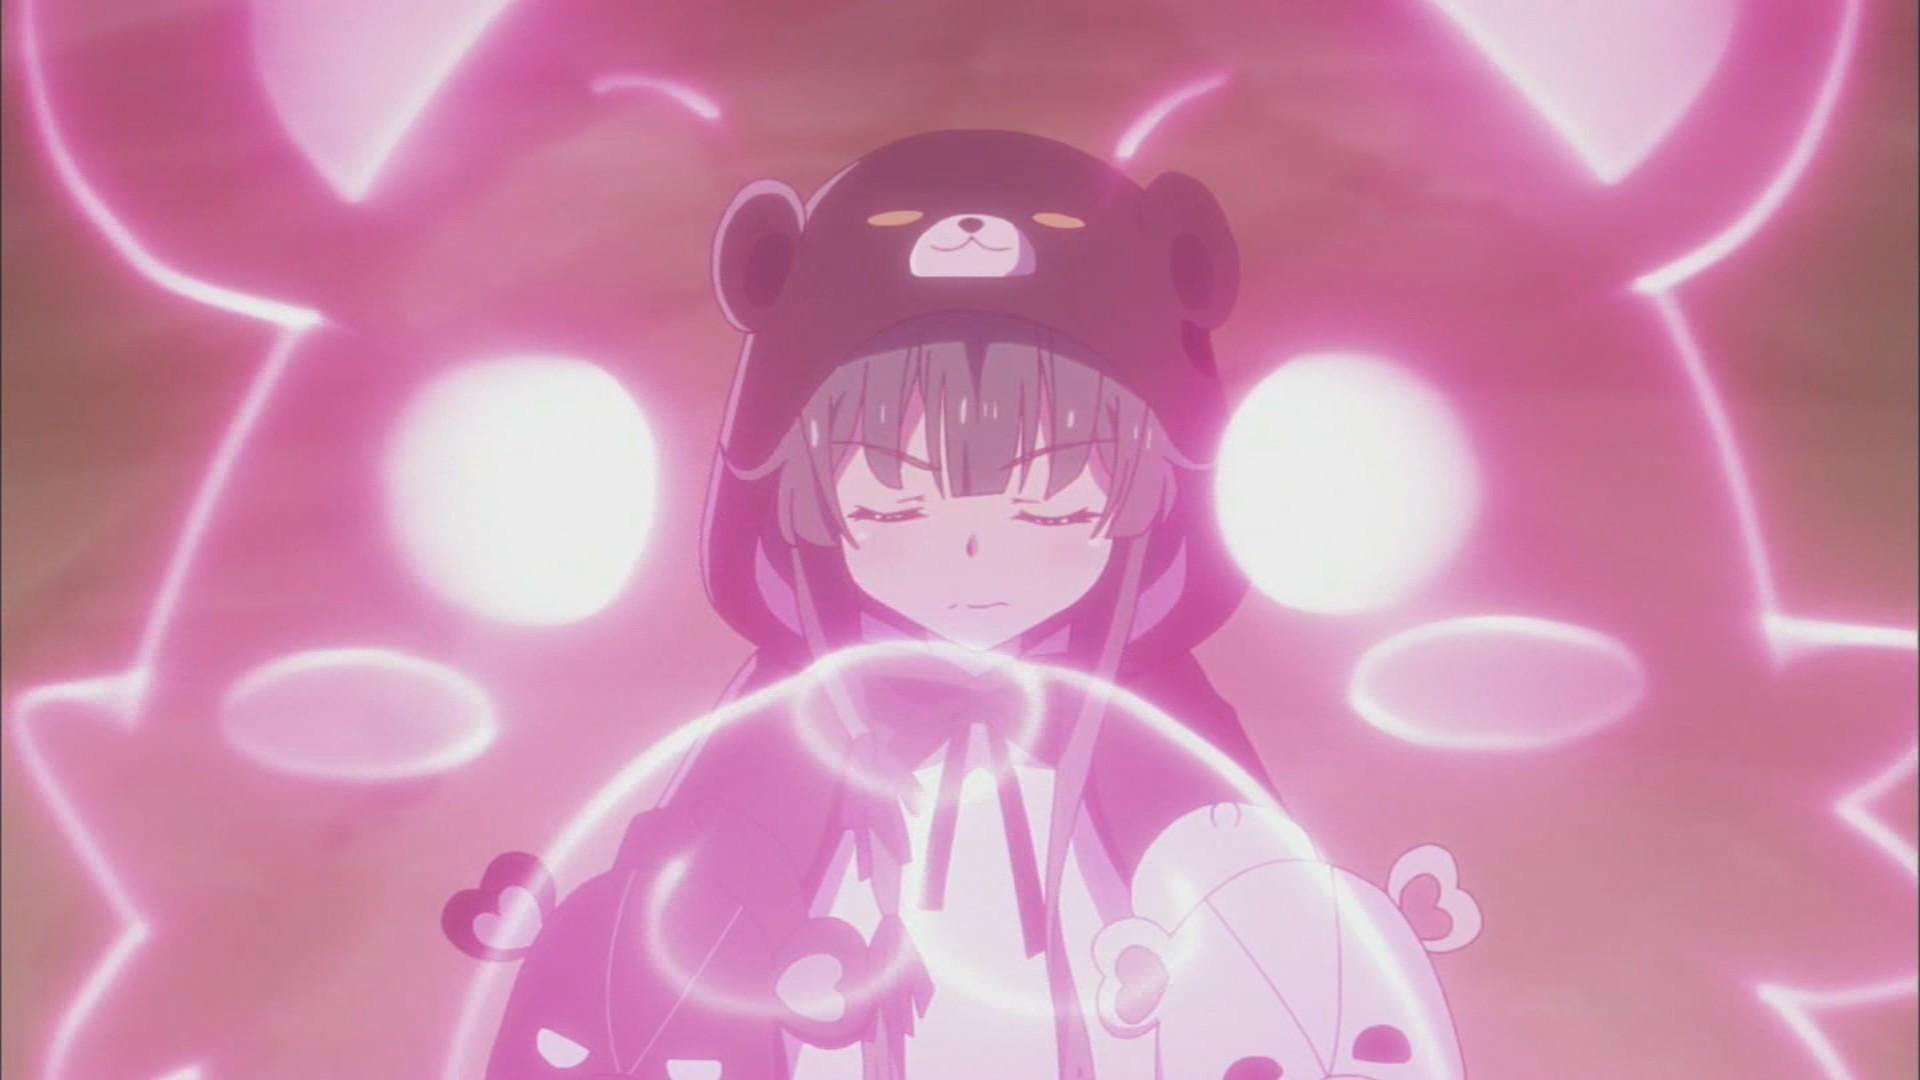 『くまクマ熊ベアー』4話感想・・・今回は泣けたな(´;ω;`) ユナちゃんもう何でもありになってきた!